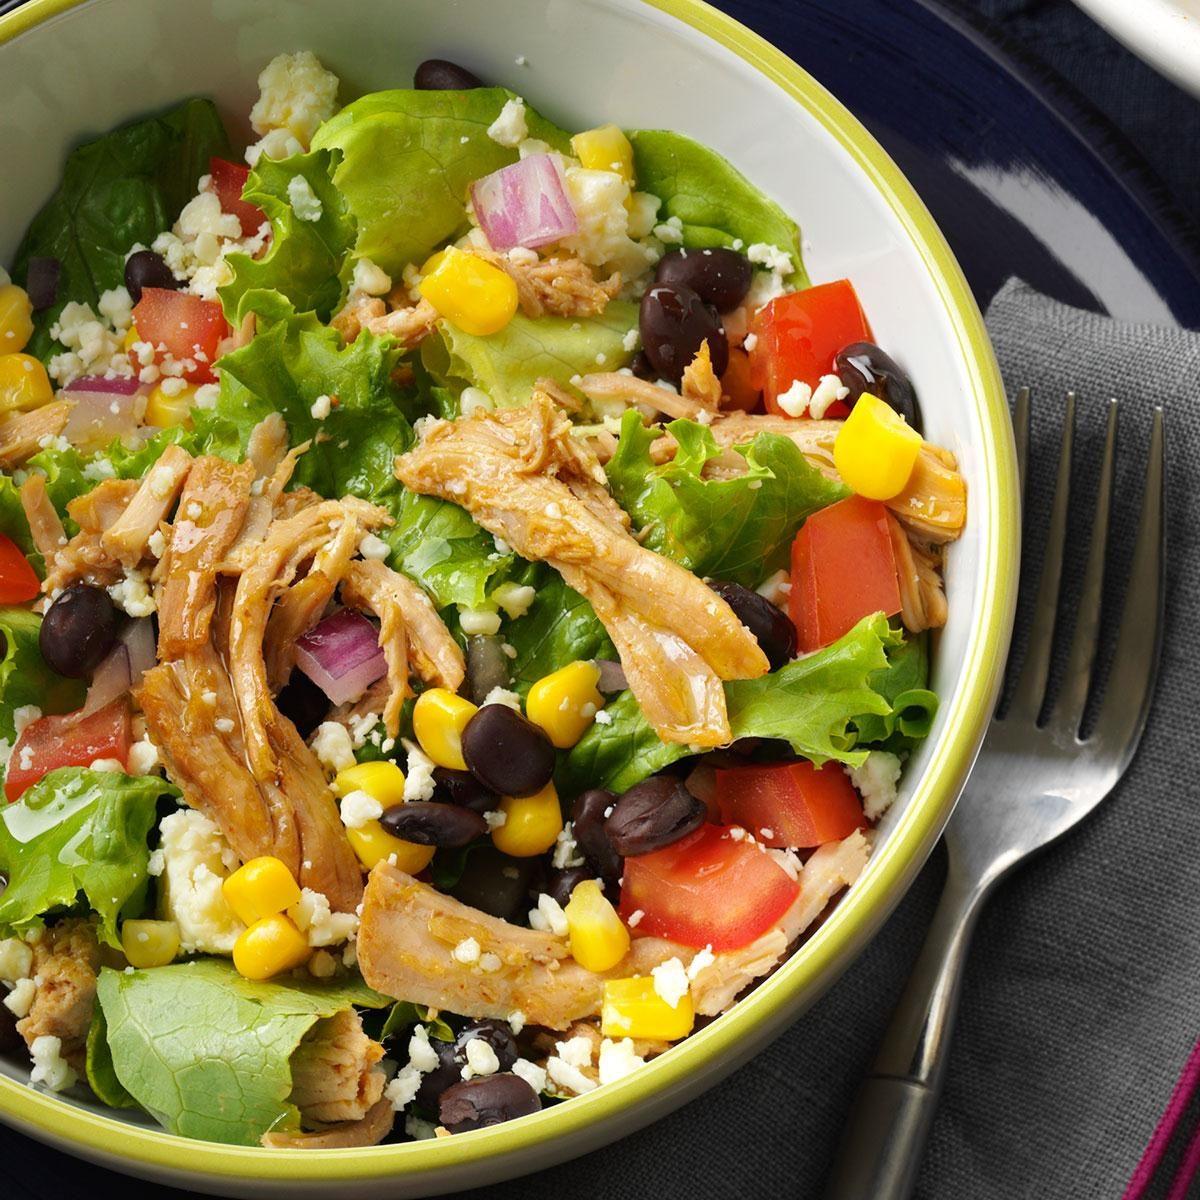 Southwest shredded pork salad recipe taste of home Sw meals